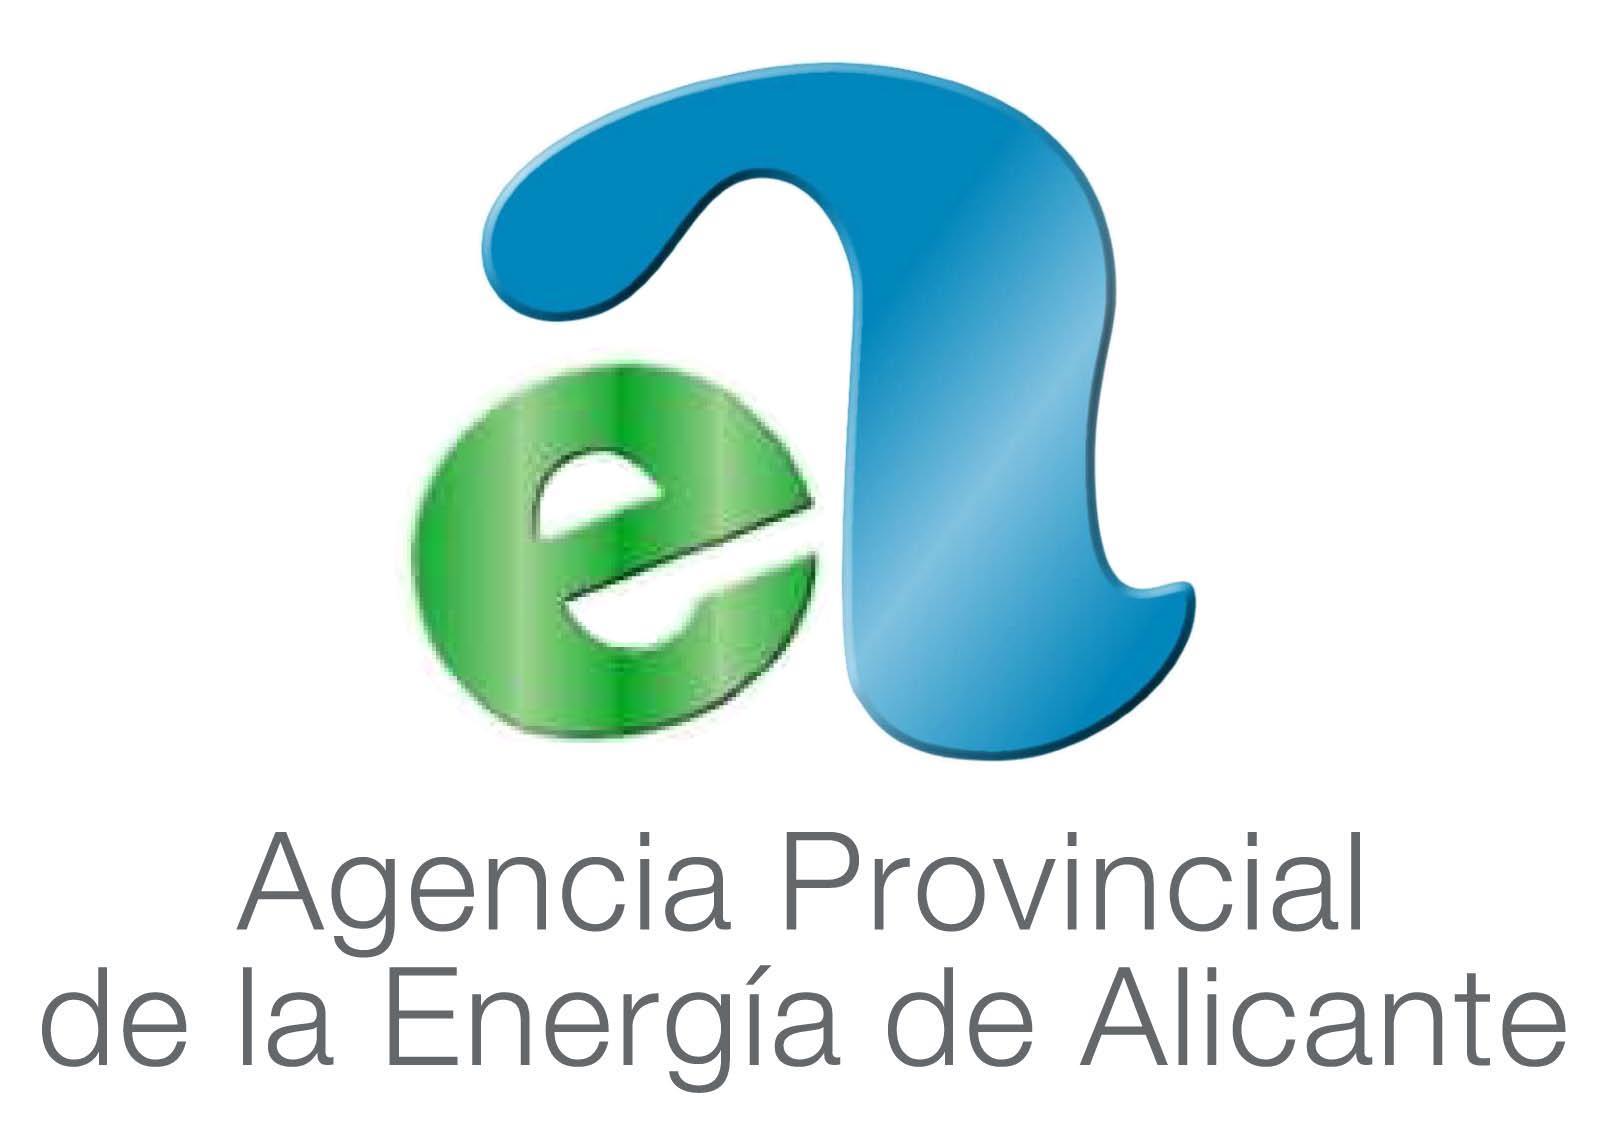 Agencia Provincial Energía